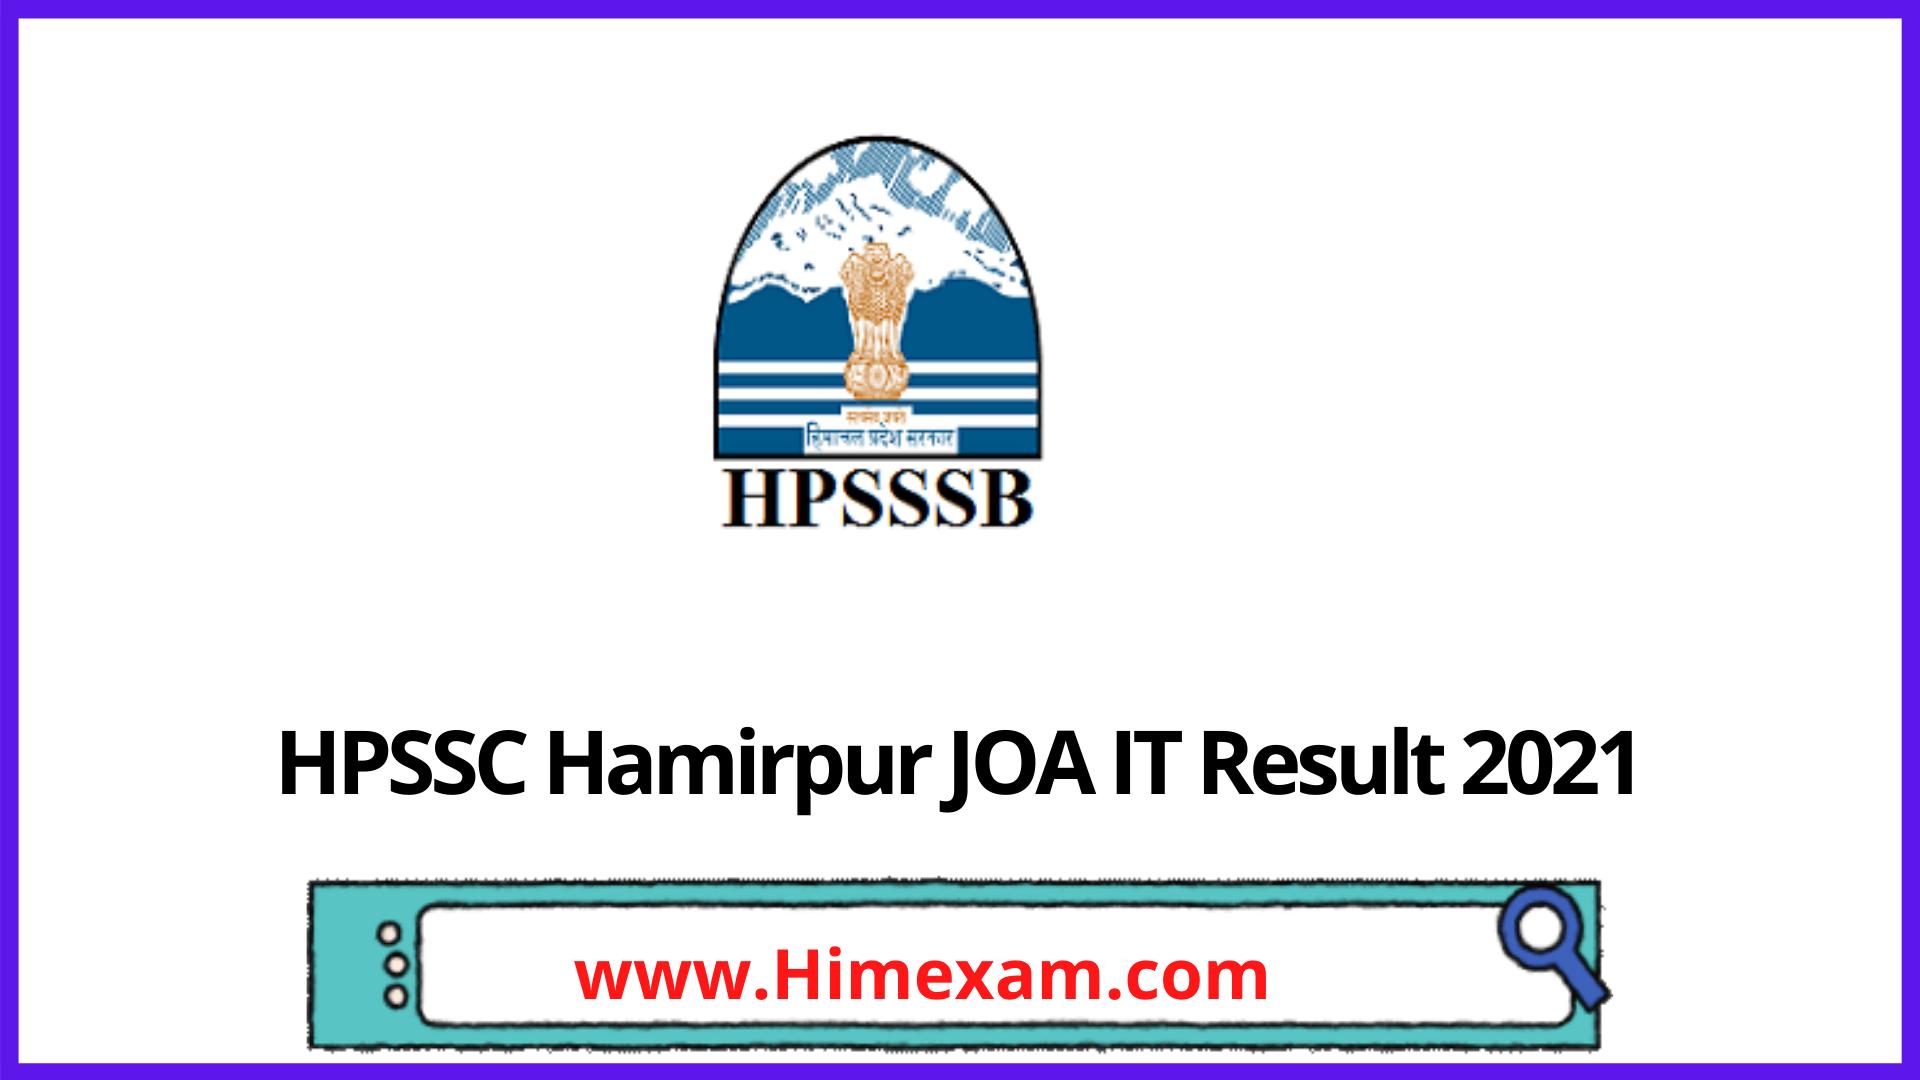 HPSSC Hamirpur JOA IT Result 2021